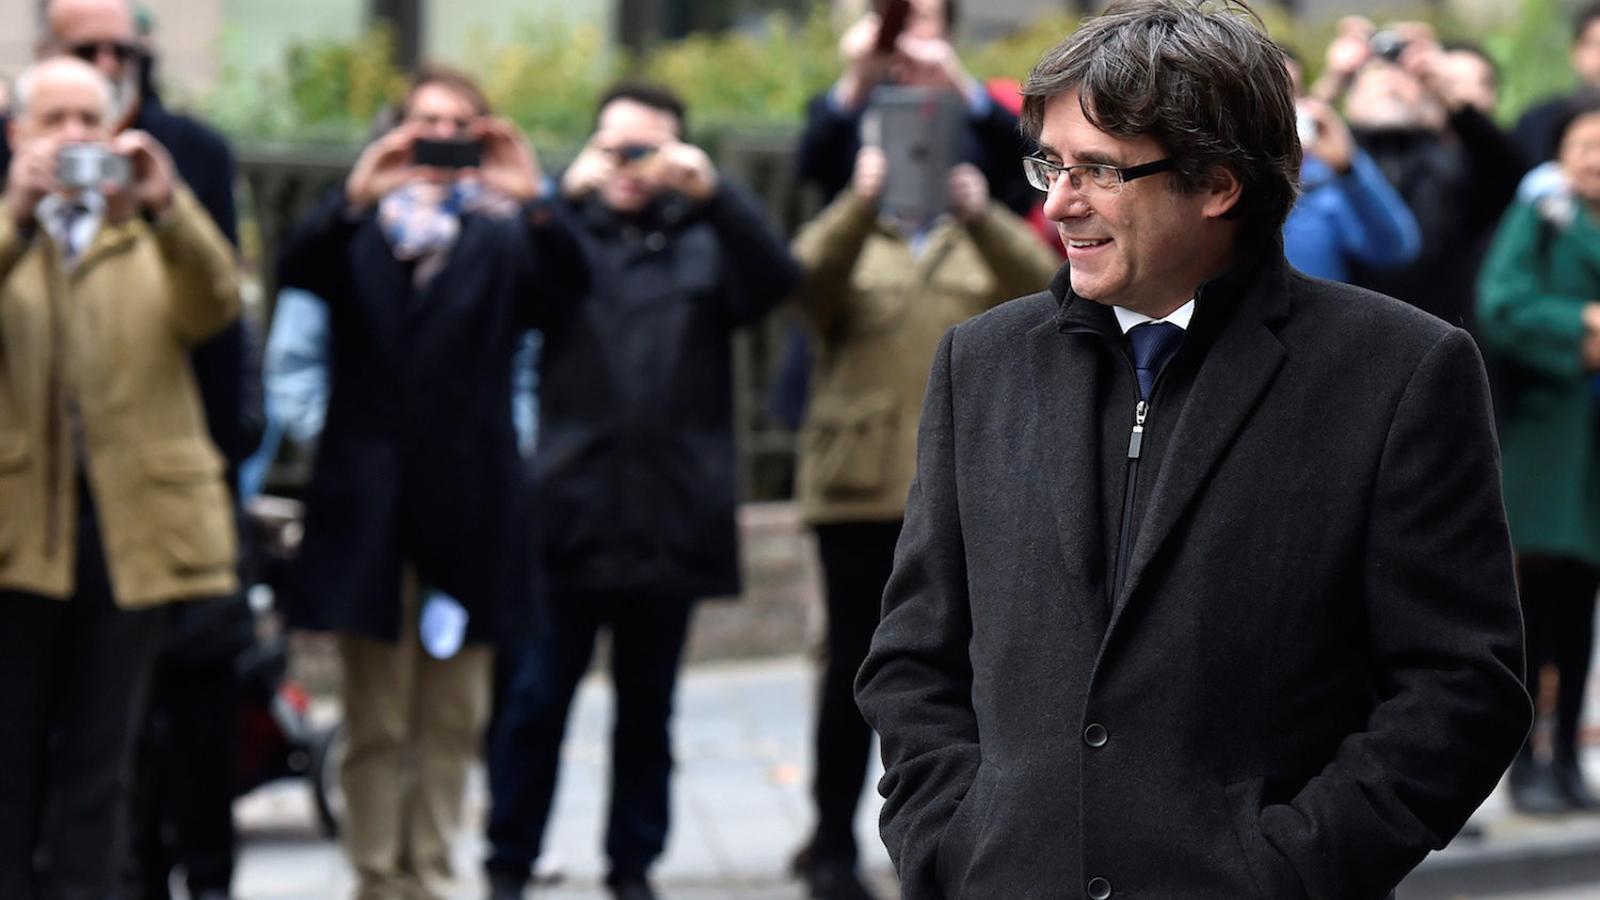 Puigdemont surt per primera vegada de Bèlgica des que l'estat espanyol va retirar l'ordre europea de detenció